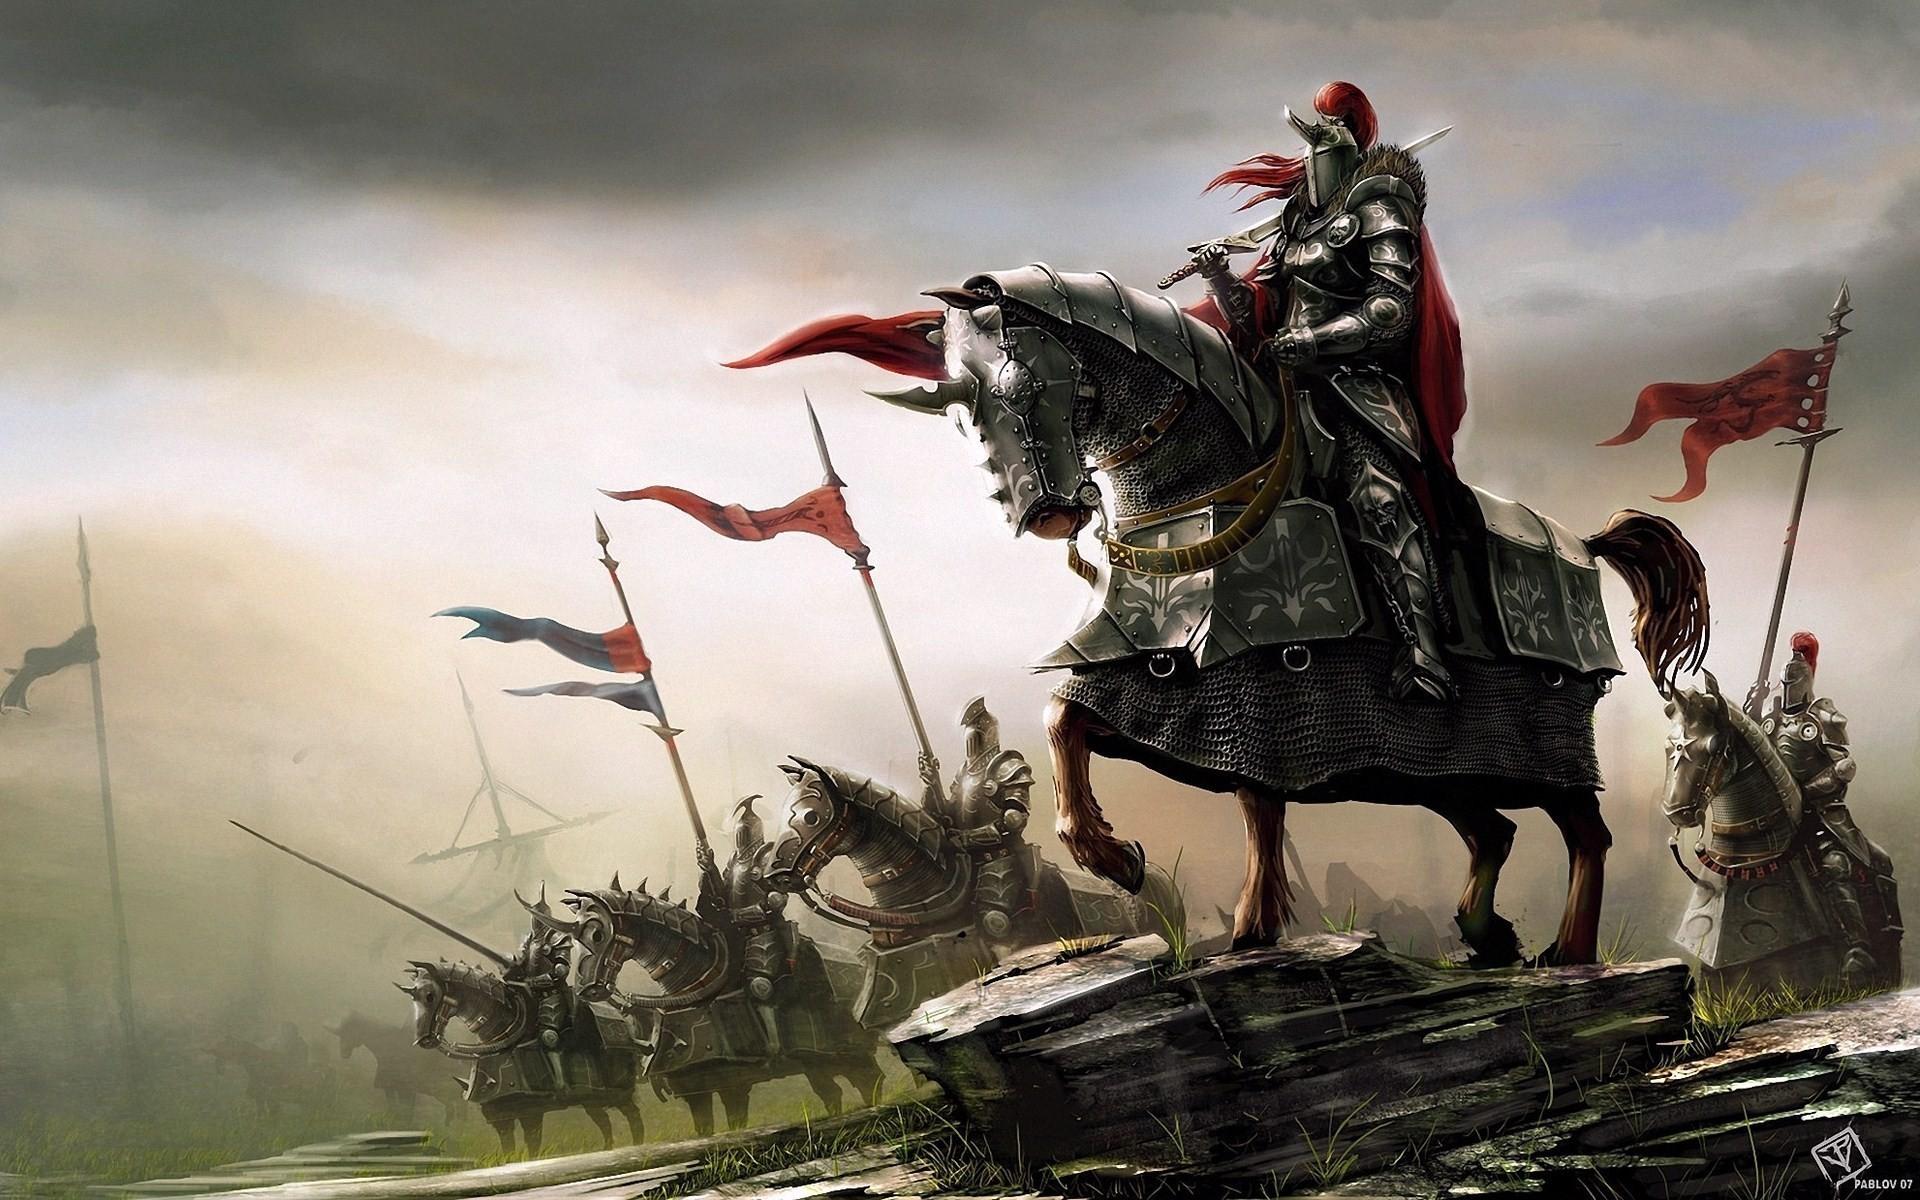 Fantasy – Knight – Horse – Battle Wallpaper